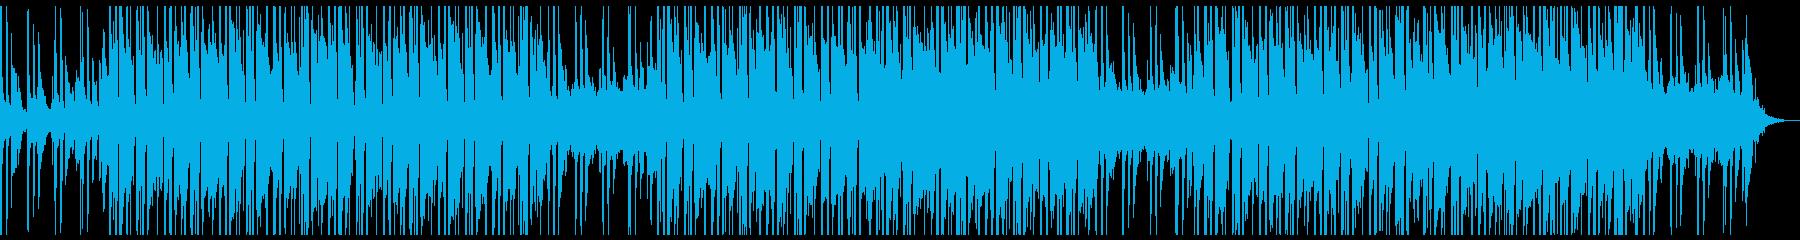 わくわくする雰囲気のチルトラック♪の再生済みの波形